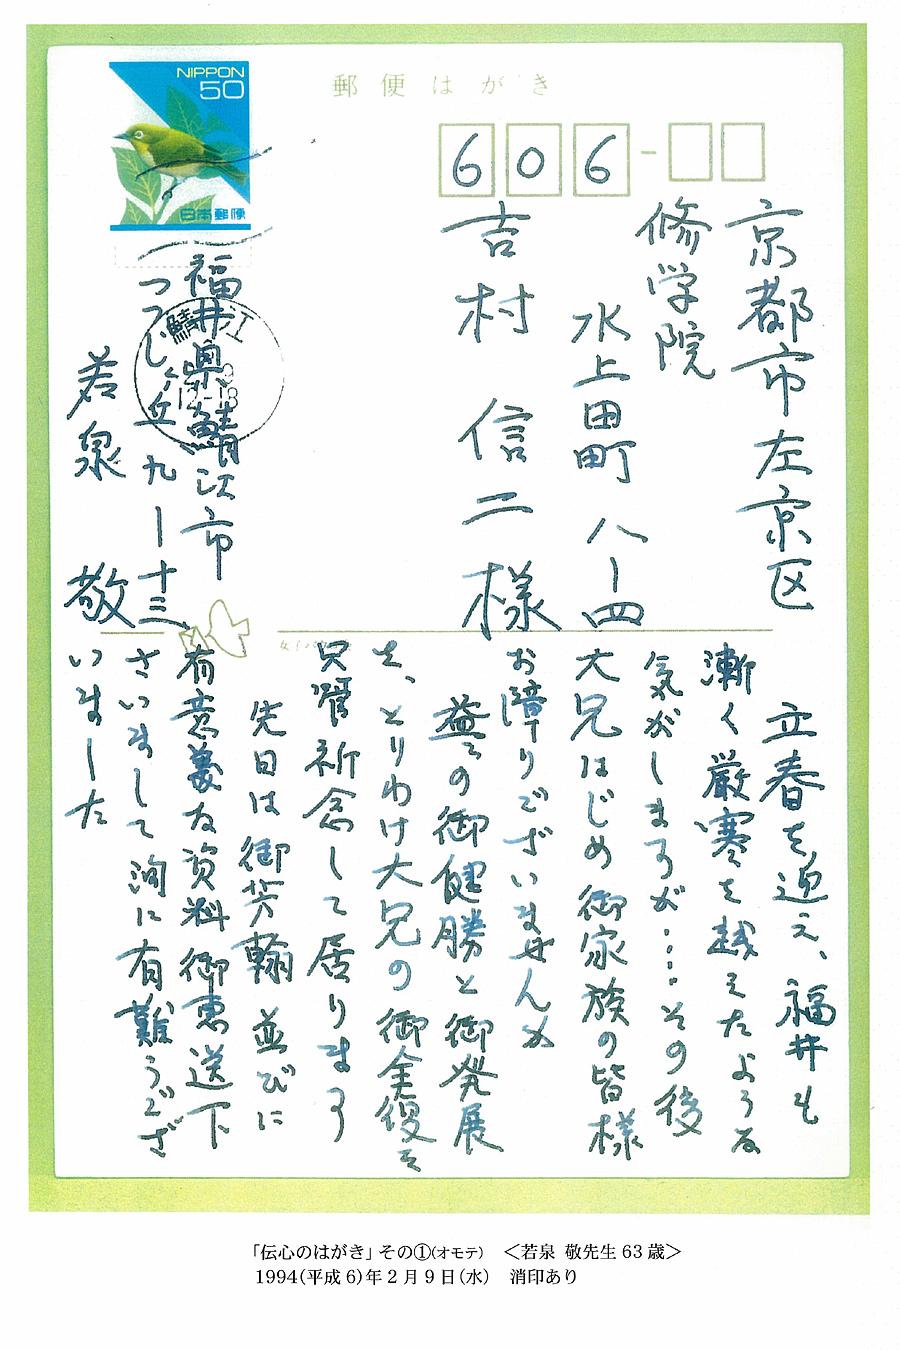 「伝心のはがき」その①(オモテ) <若泉 敬先生63歳>